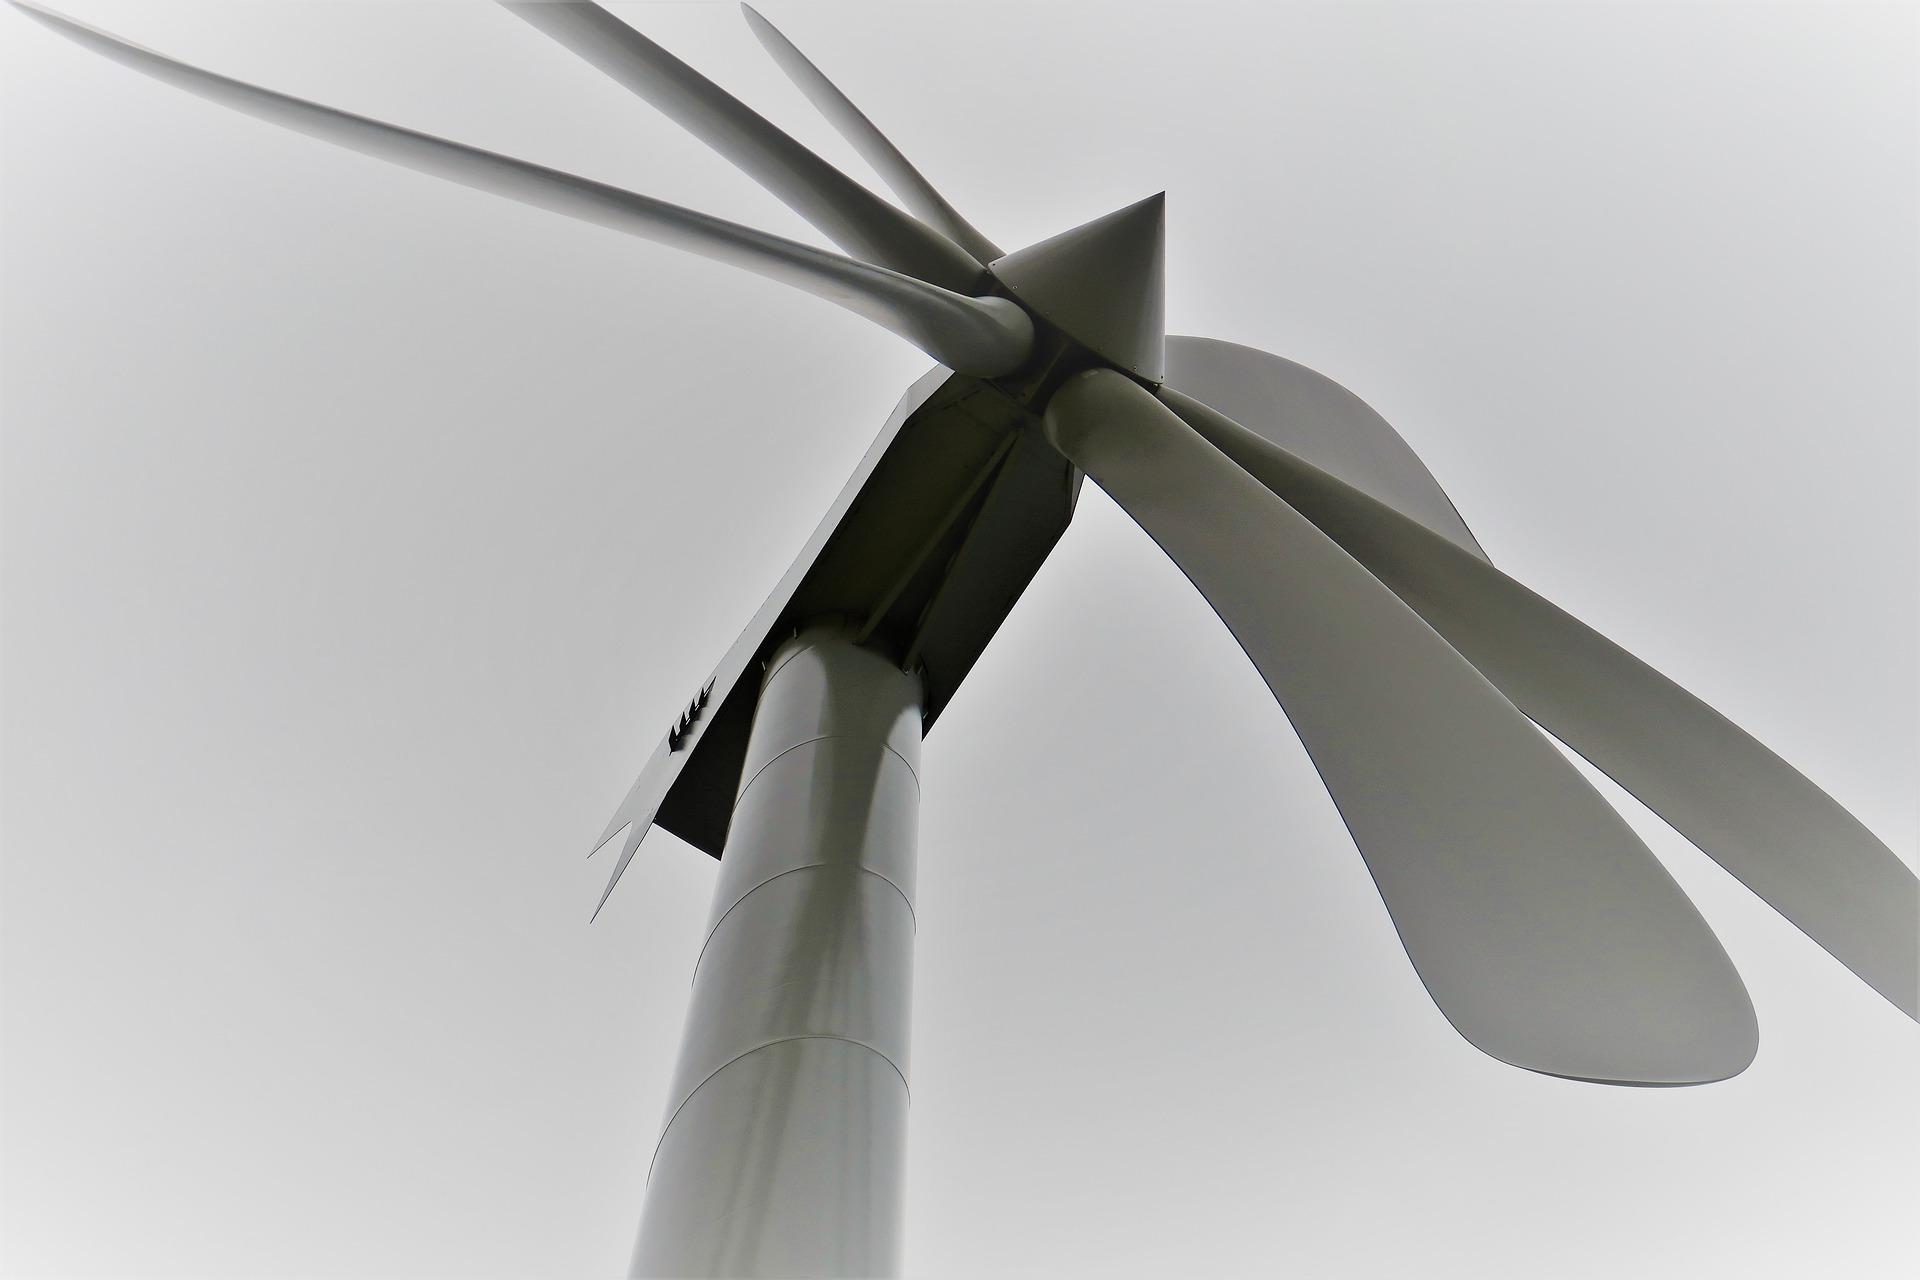 elektrownia wiatrowa wiatrak prąd śmigło - Pixabay